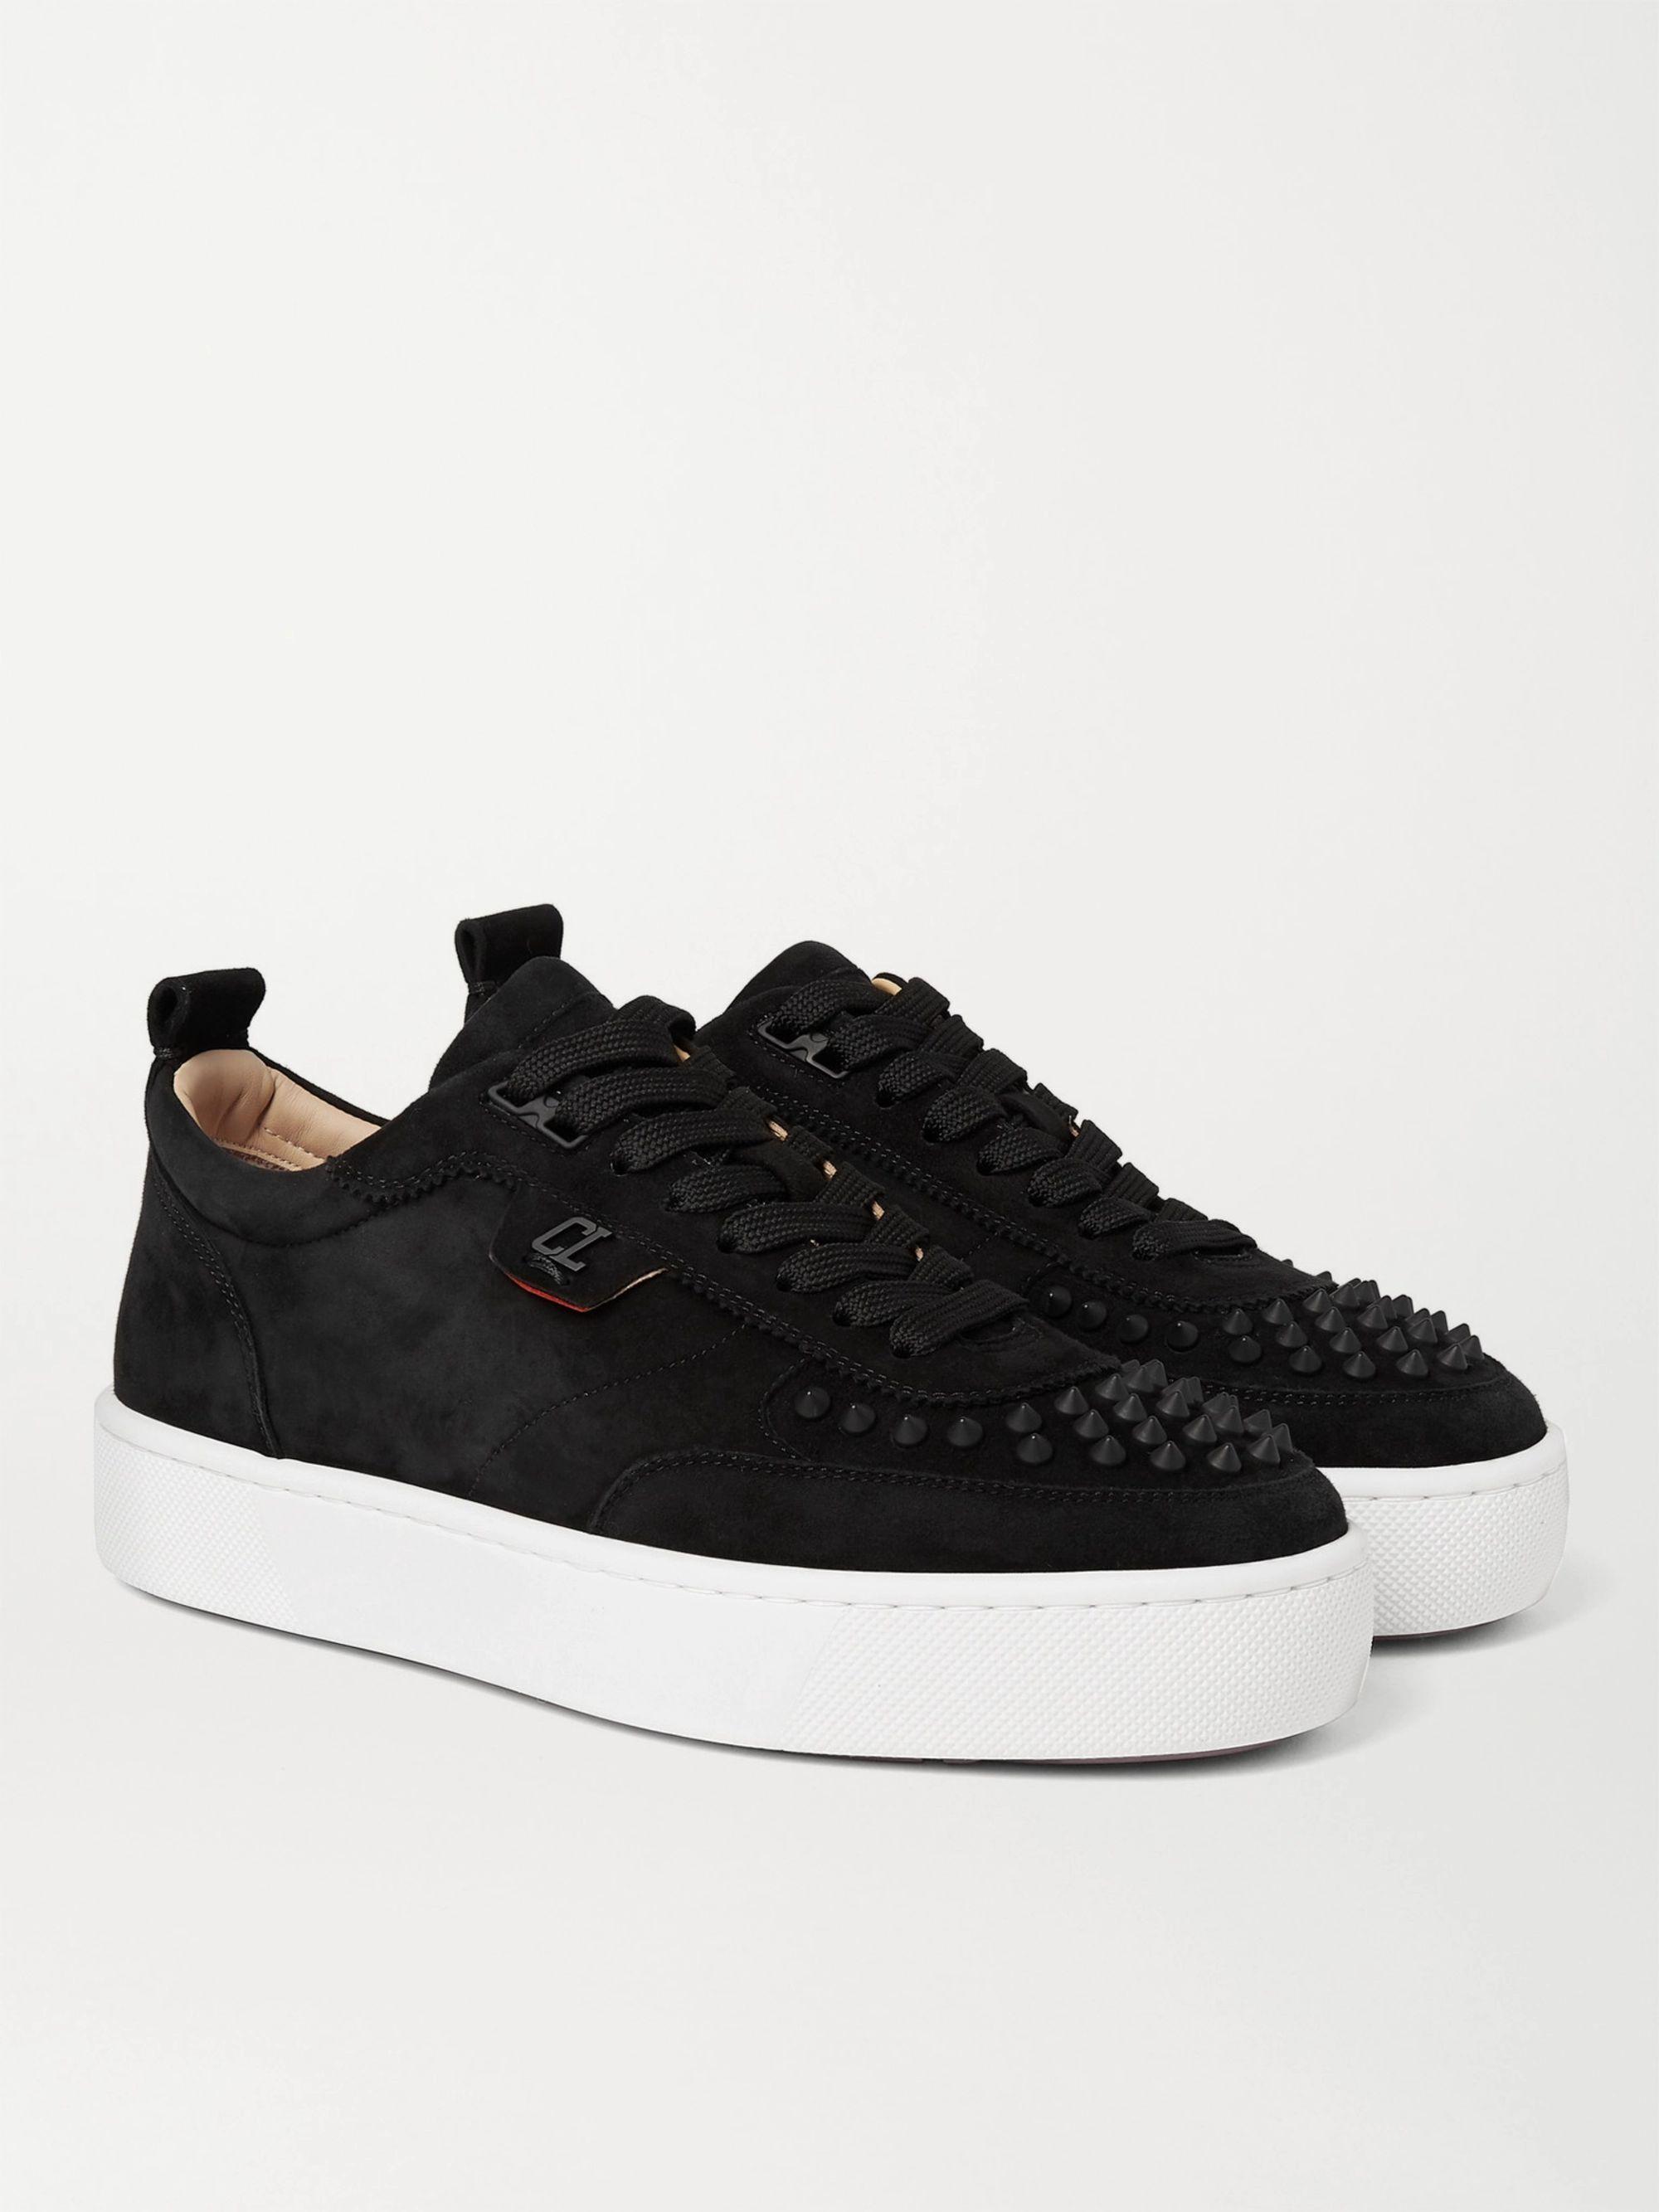 louboutins sneakers